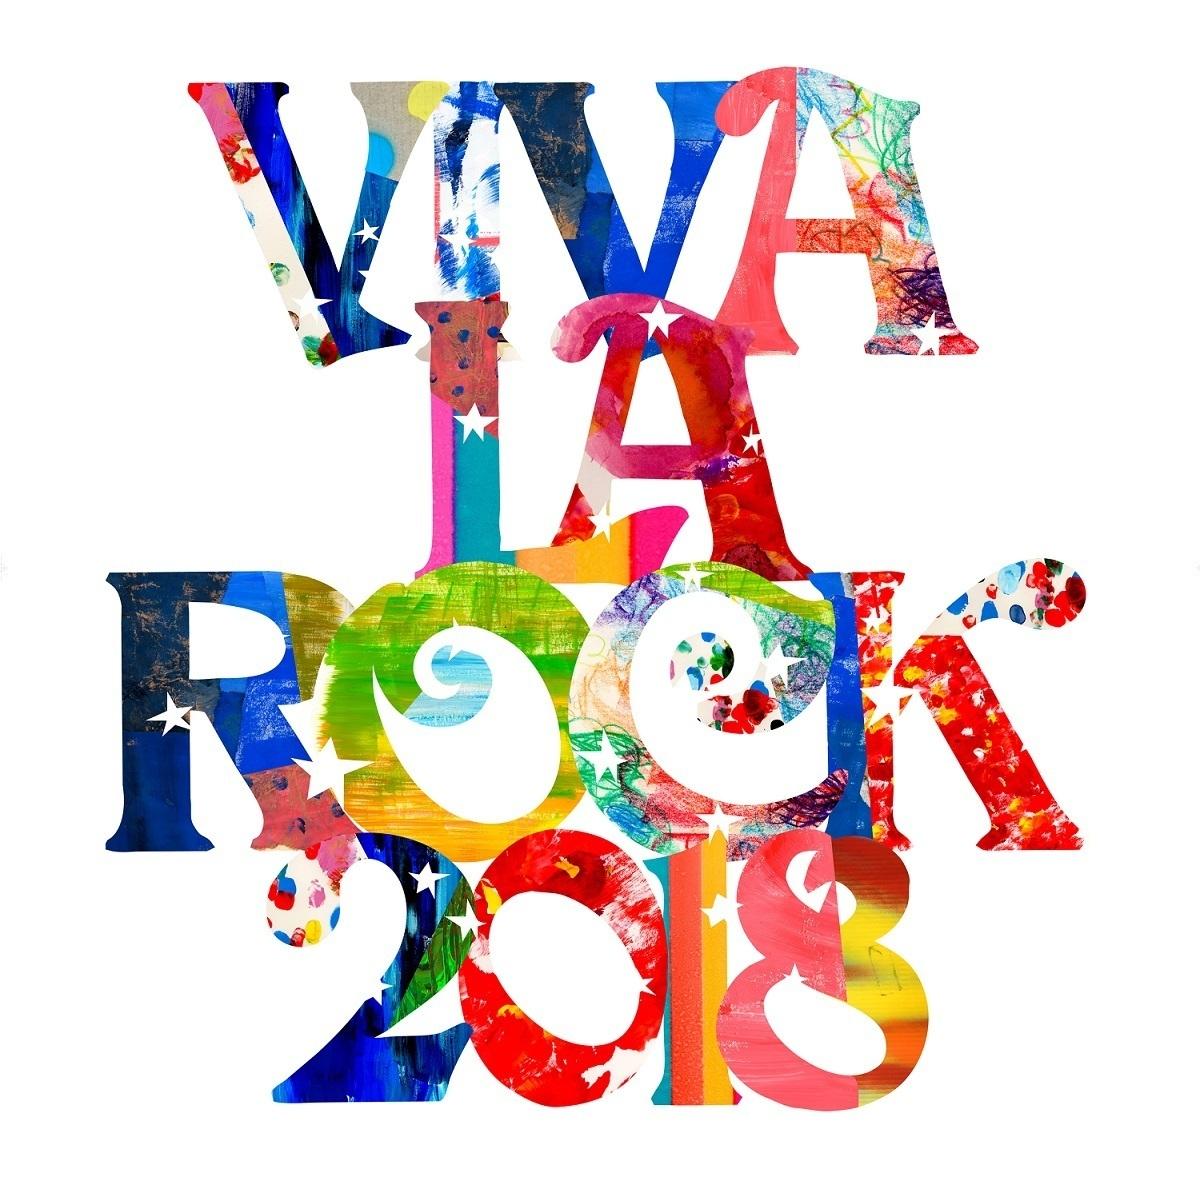 VIVA LA ROCK